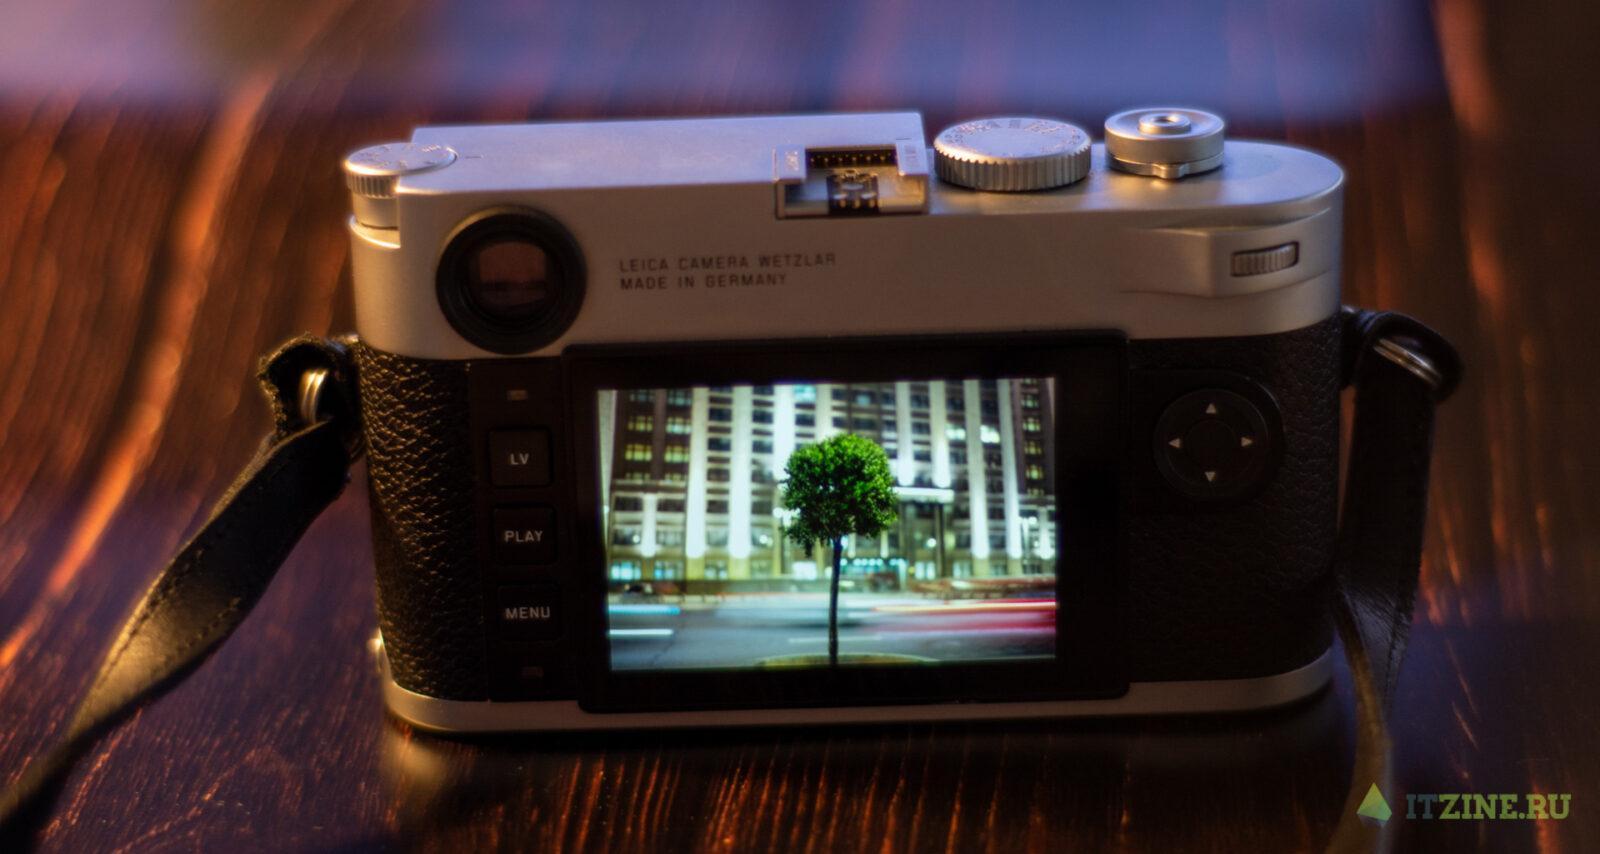 Обзор камеры Leica M10: круче просто некуда (DSC 9347)